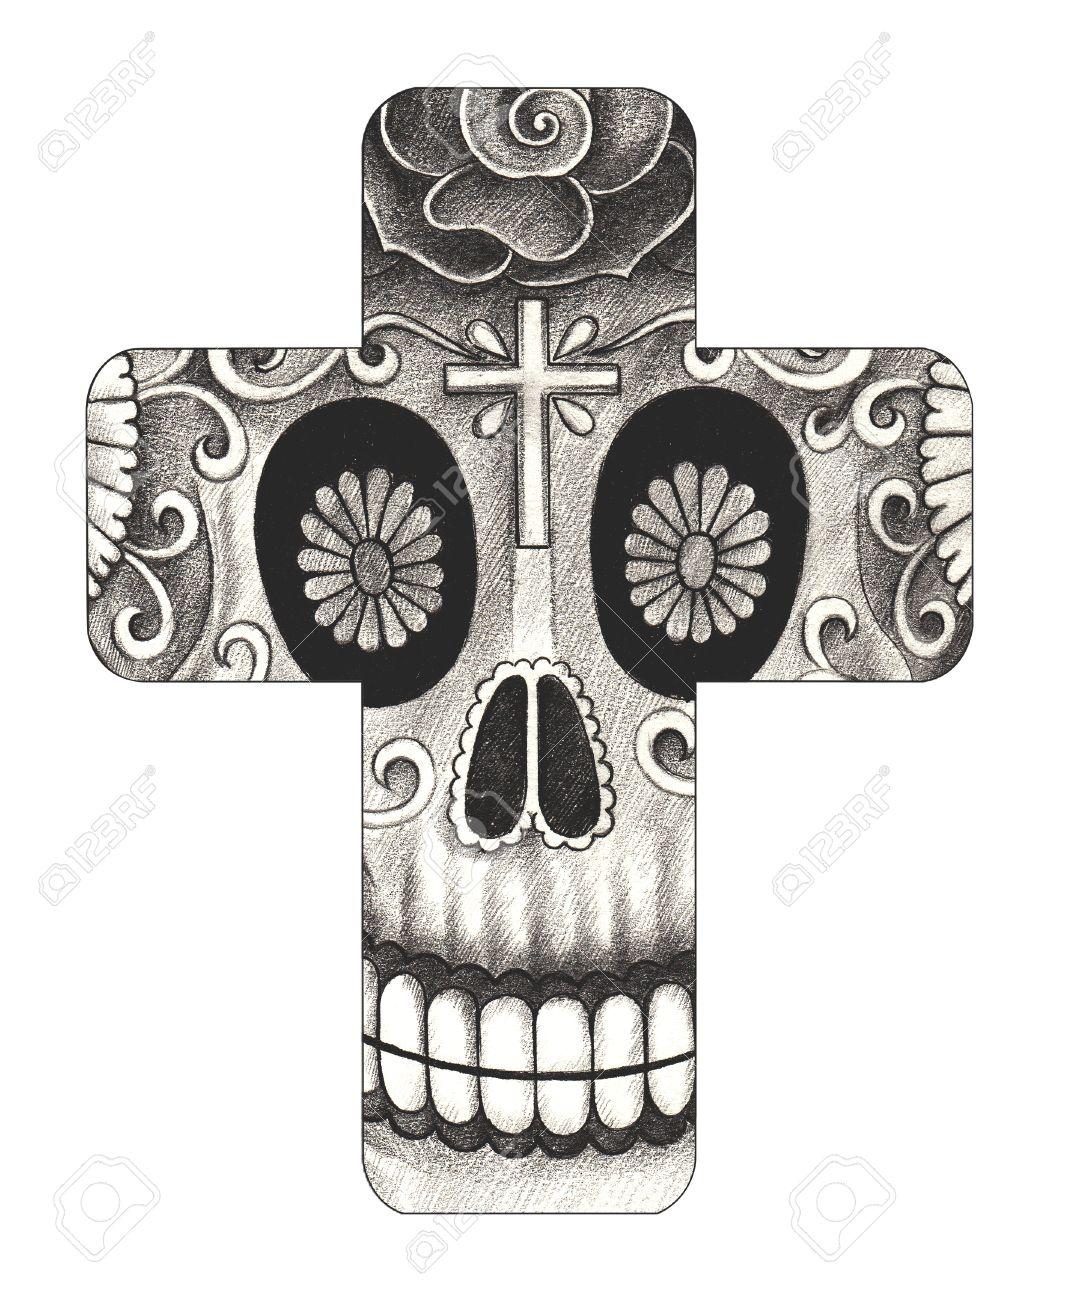 Arte Cráneo Cruz Día De Los Muertos Mano Dibujo A Lápiz Sobre Papel